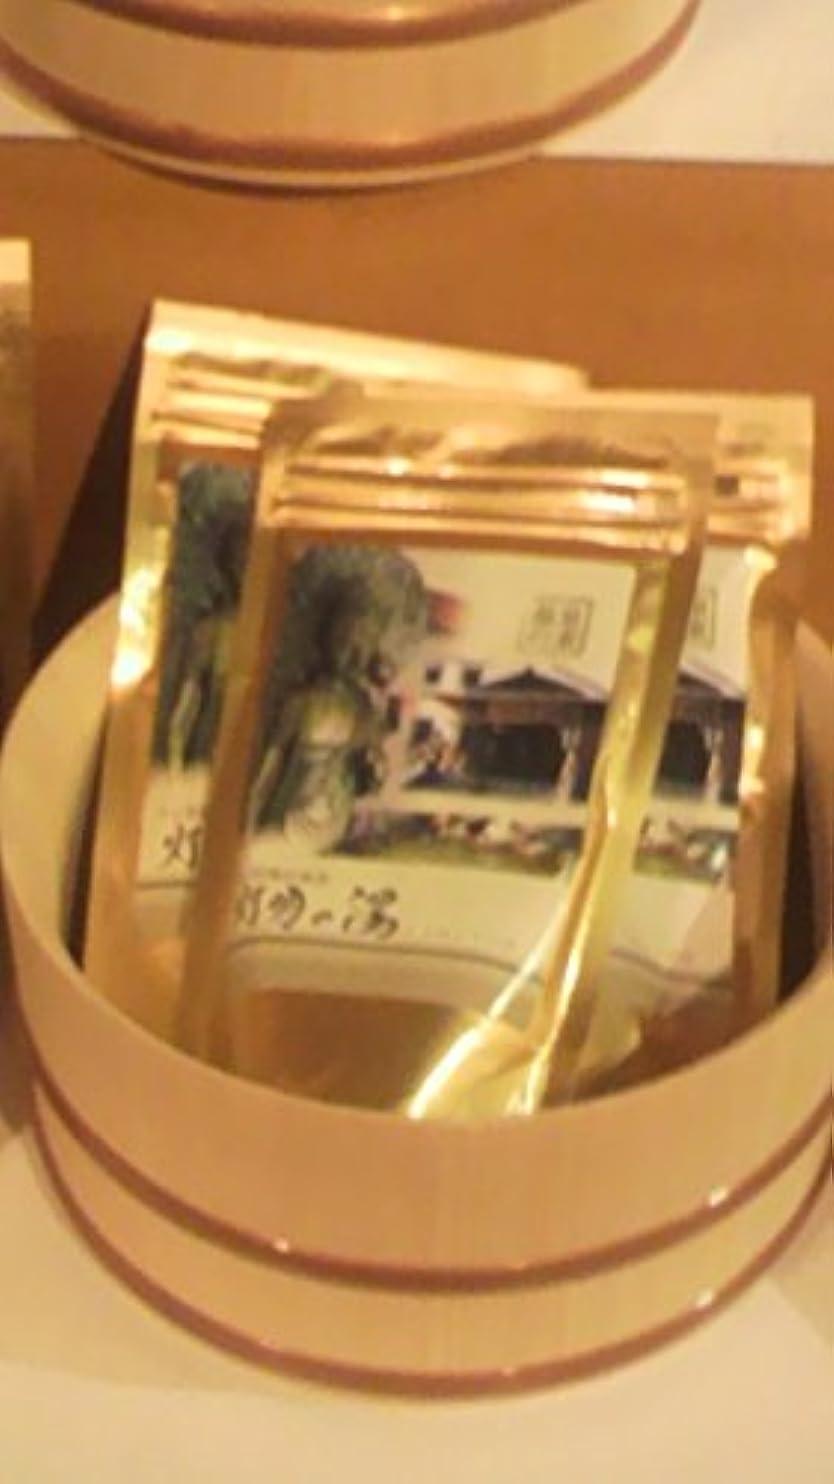 製造業挨拶する適度に灯明の湯温泉入浴剤(1kg入り+25g入り小袋付)